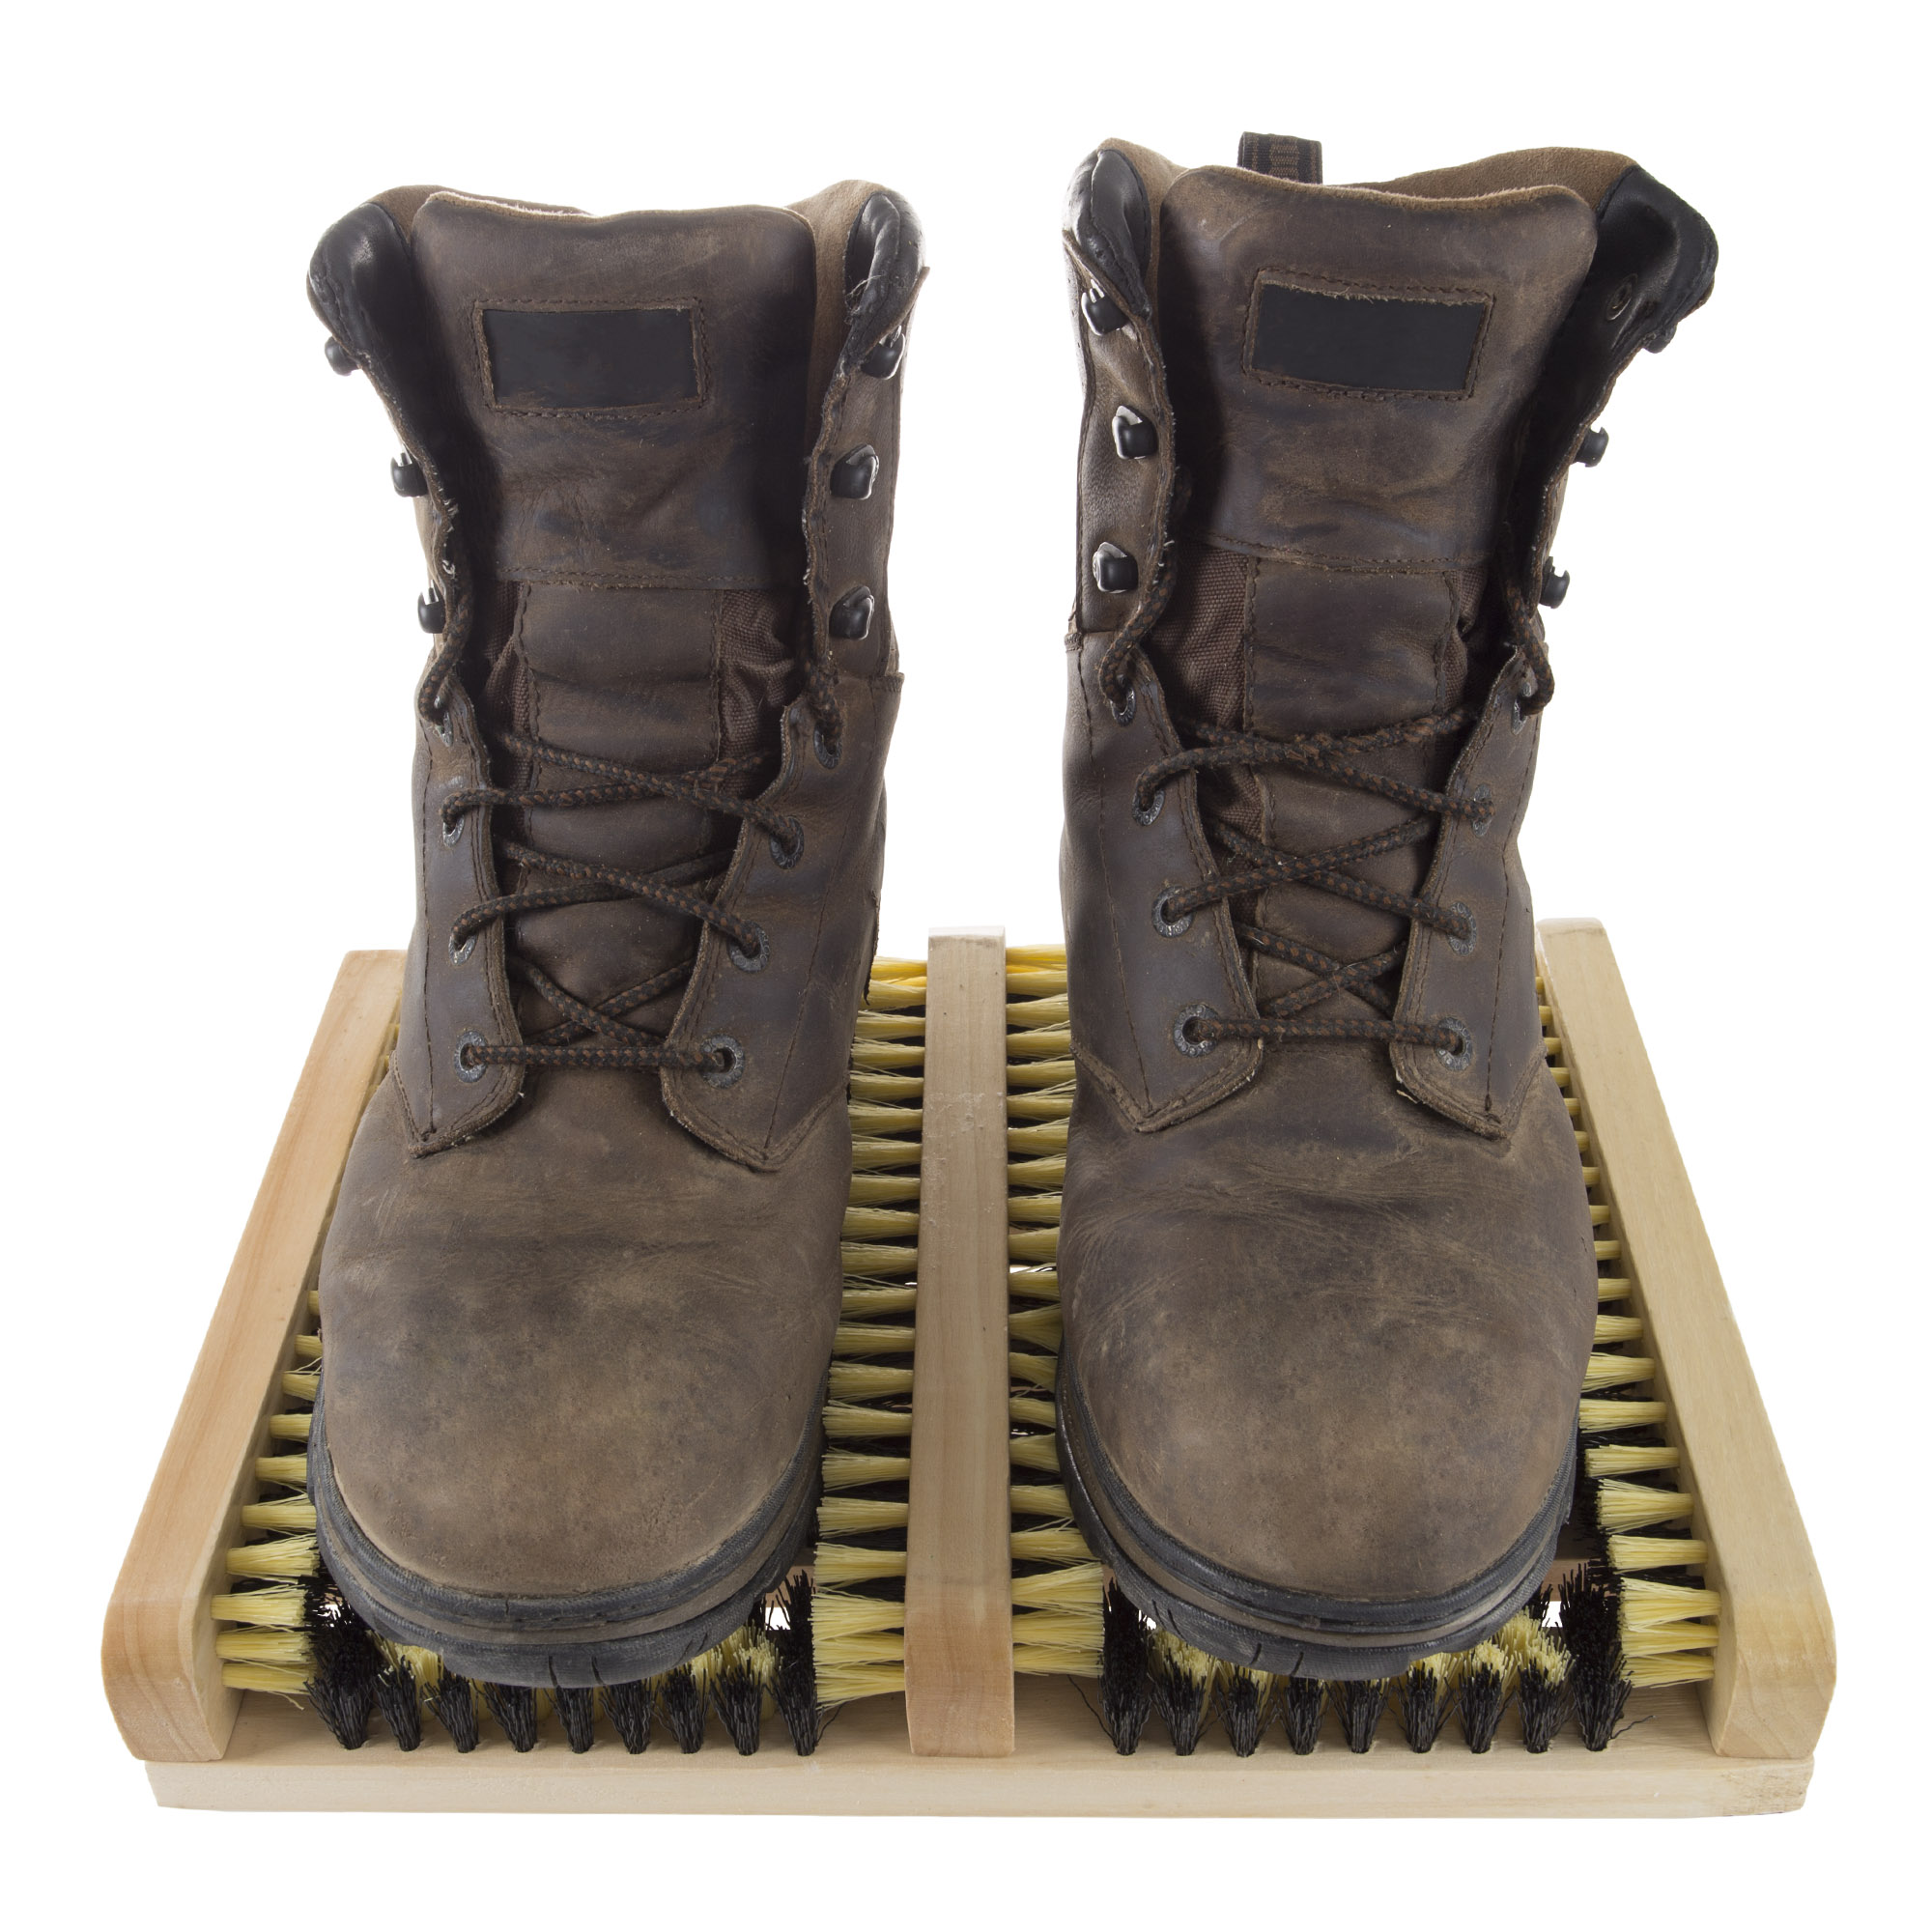 8065d5e4a8 Boot and Shoe Cleaner Scrubber Brush Scraper Mat by Stalwart - Walmart.com